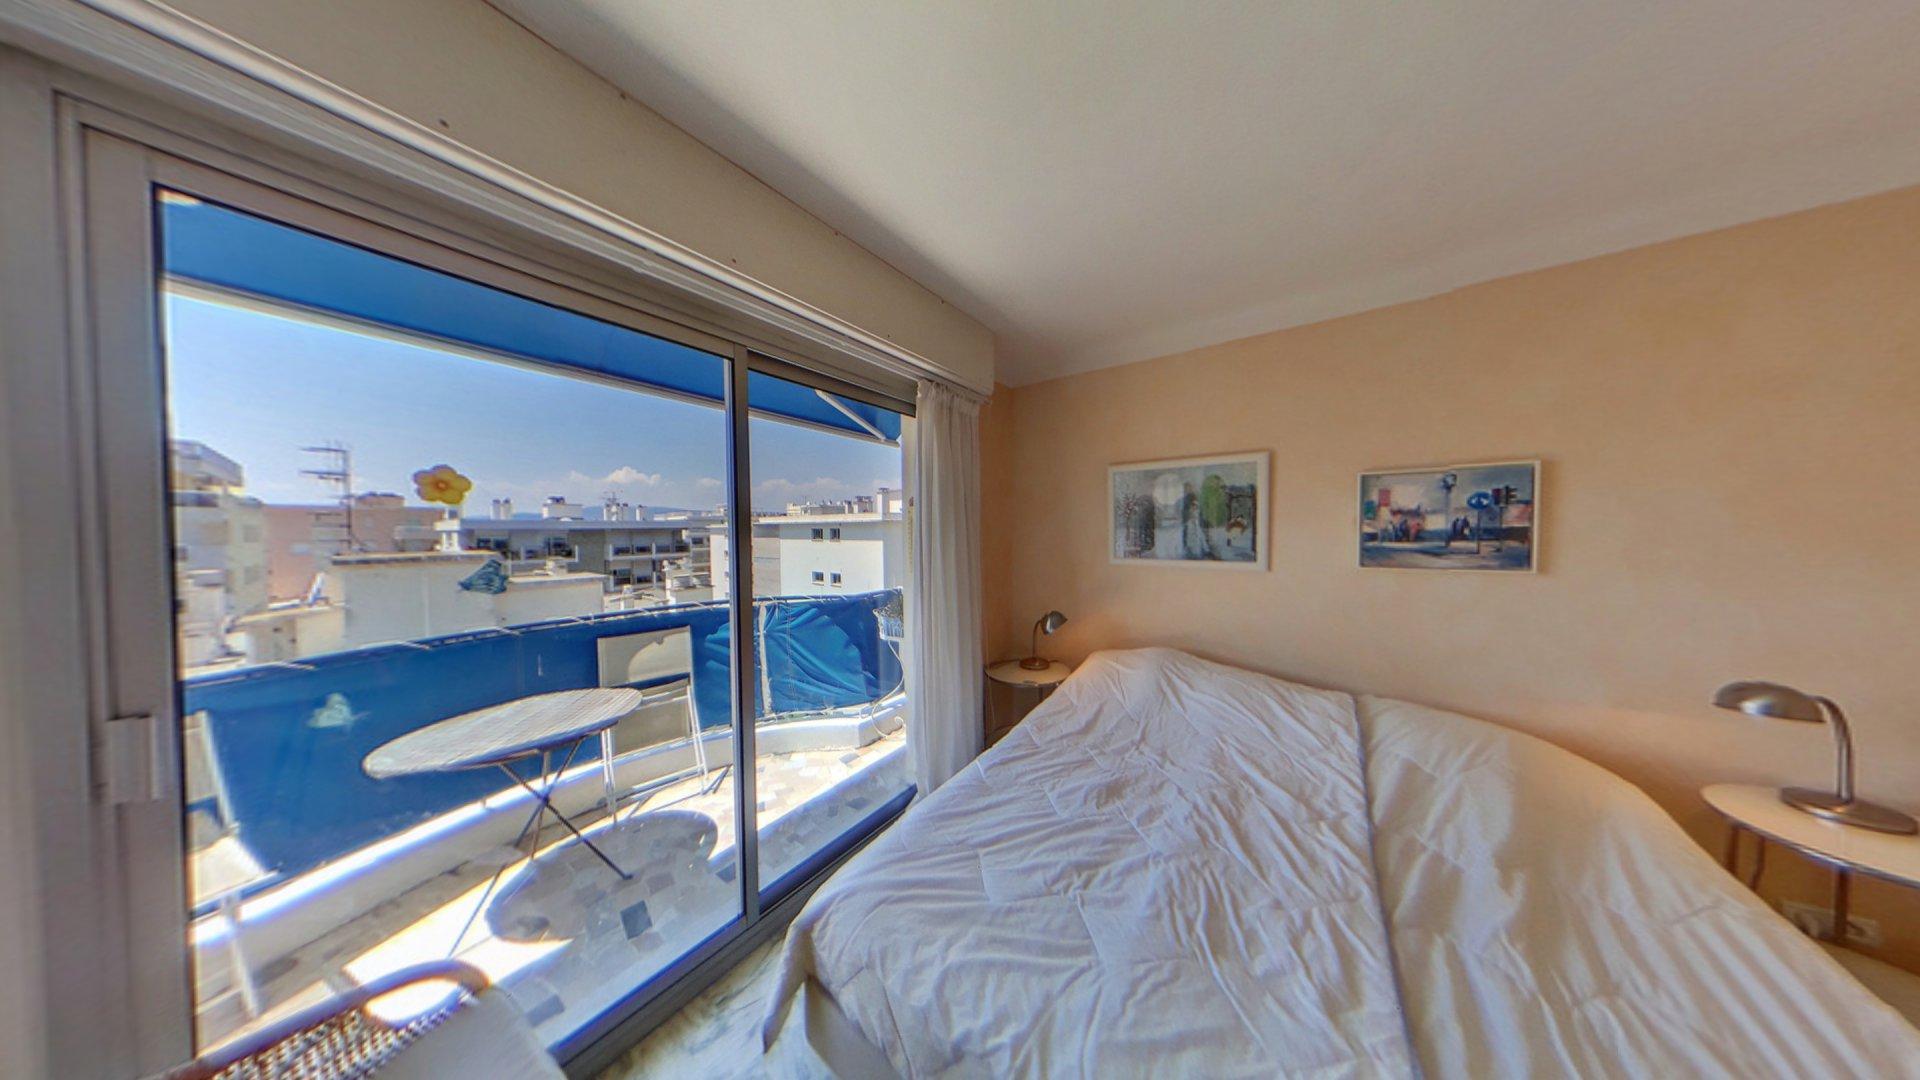 Cannes Palm Beach Port Canto lägenhet till salu översta våningen sovrum